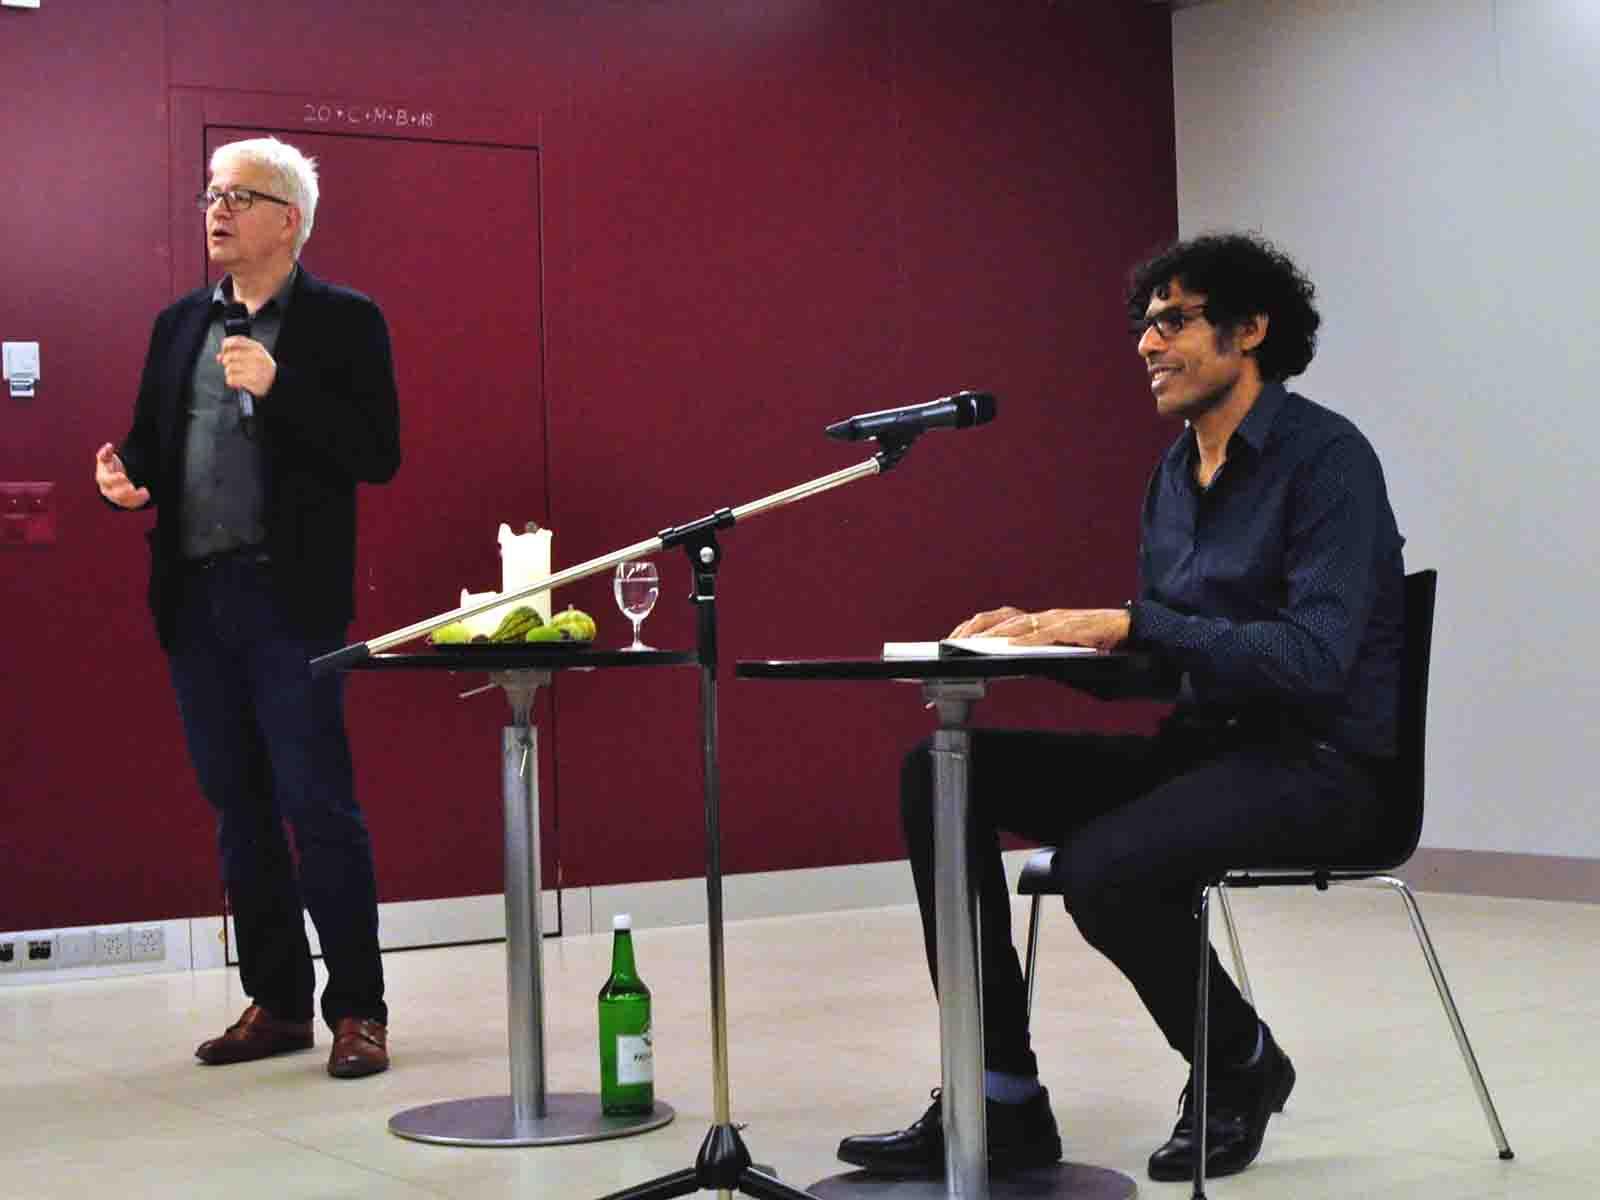 Pastoralassistent Matthias Braun stellt den Autor Usama Al Shahmani vor.